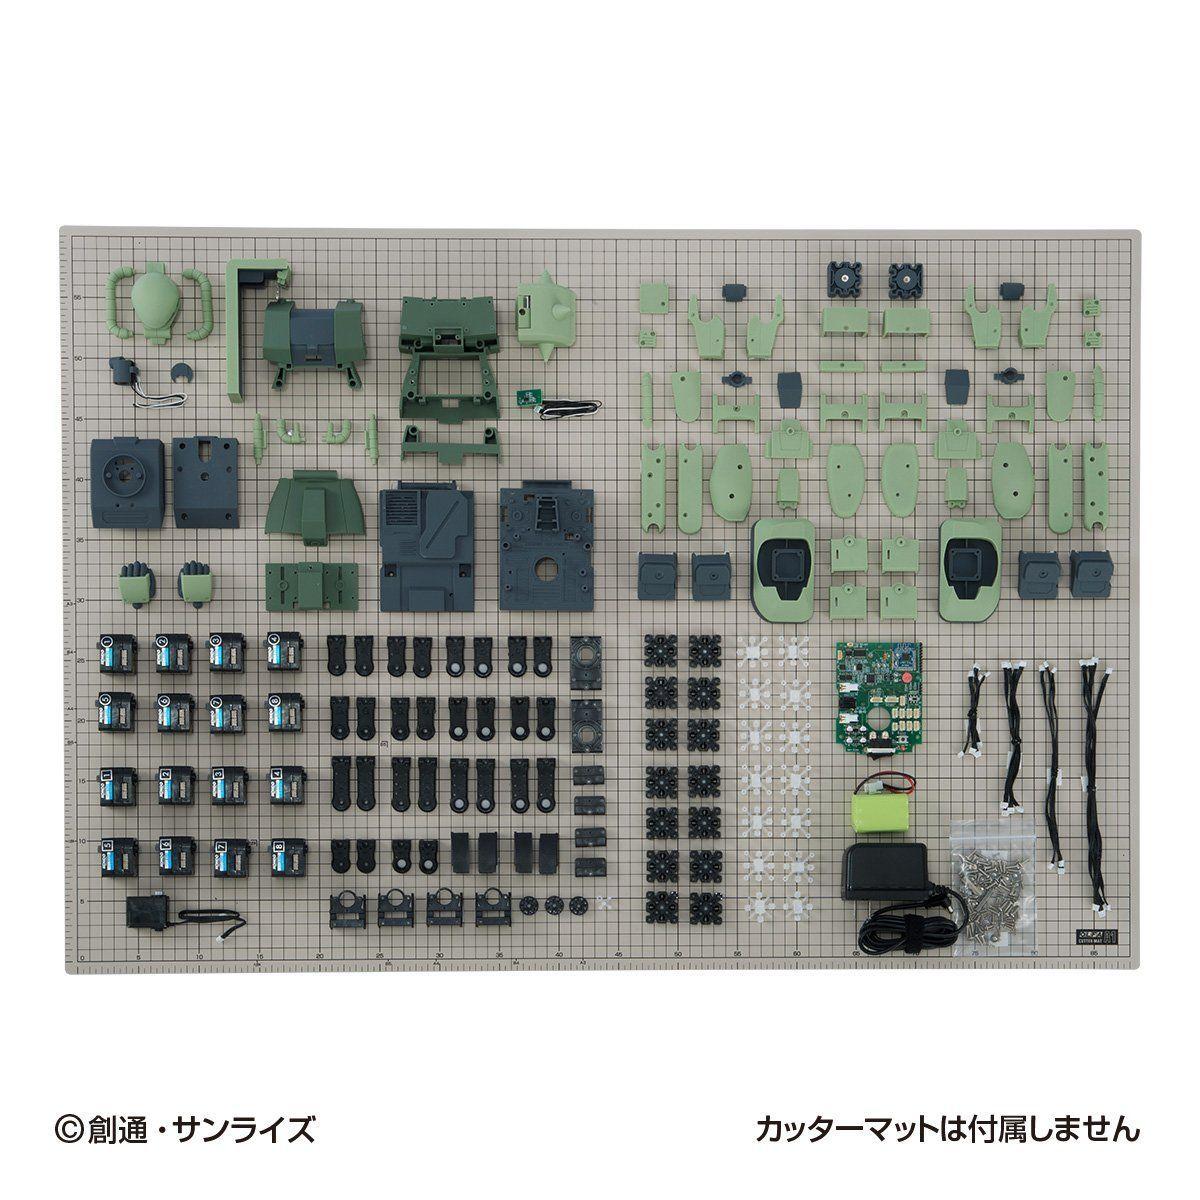 【限定販売】ジオニック社公式MS講習コース『EONIC TECHNICS(ジオニックテクニクス) Robotics and Programming CourseI』STEM学習教材-009